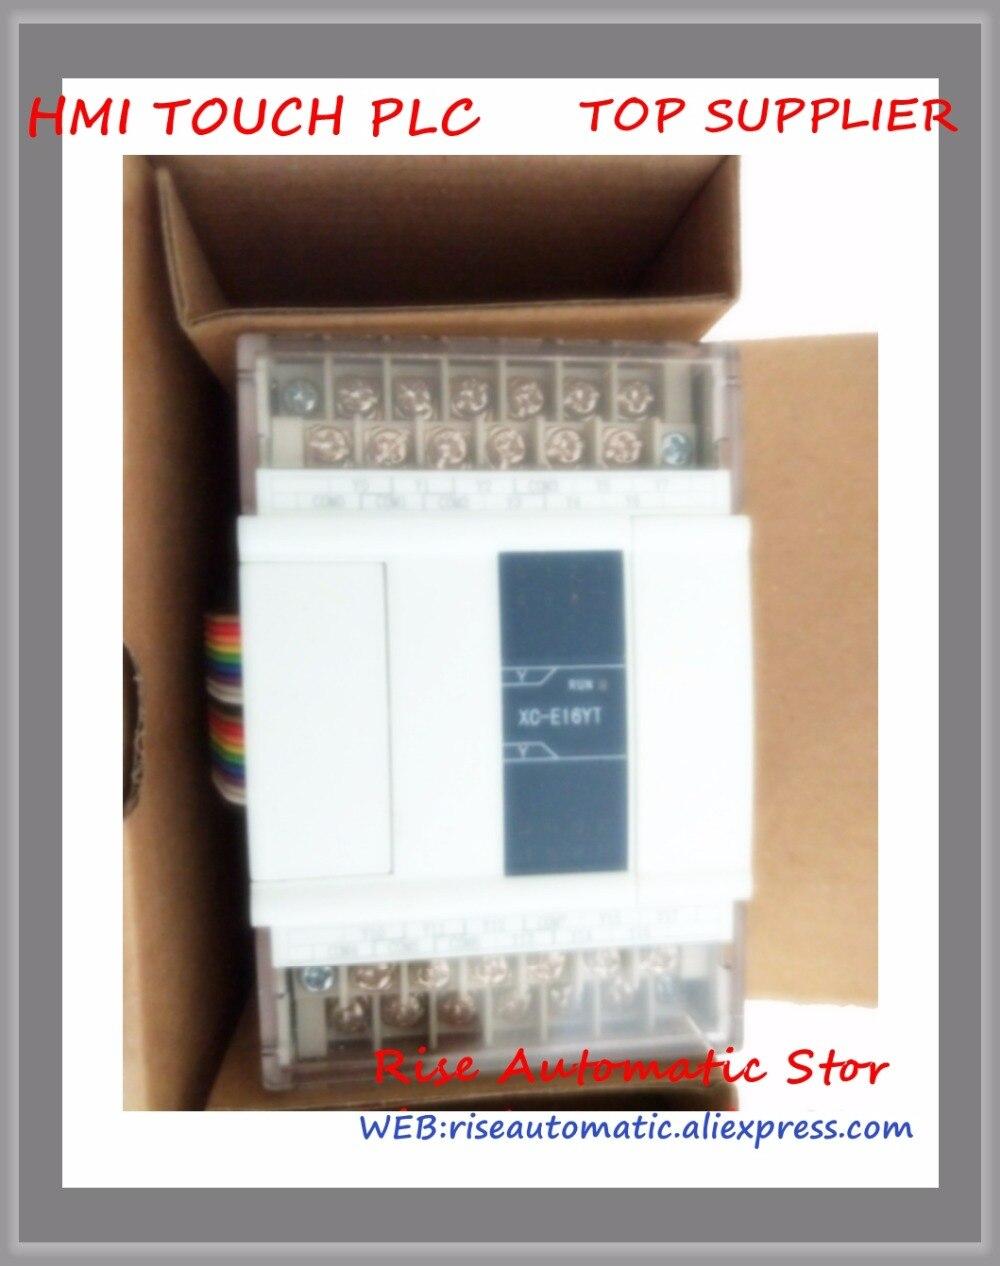 Original novo Controlador Programável PLC XC-E16YT Digital I/O Module FAZER 16 Transistor